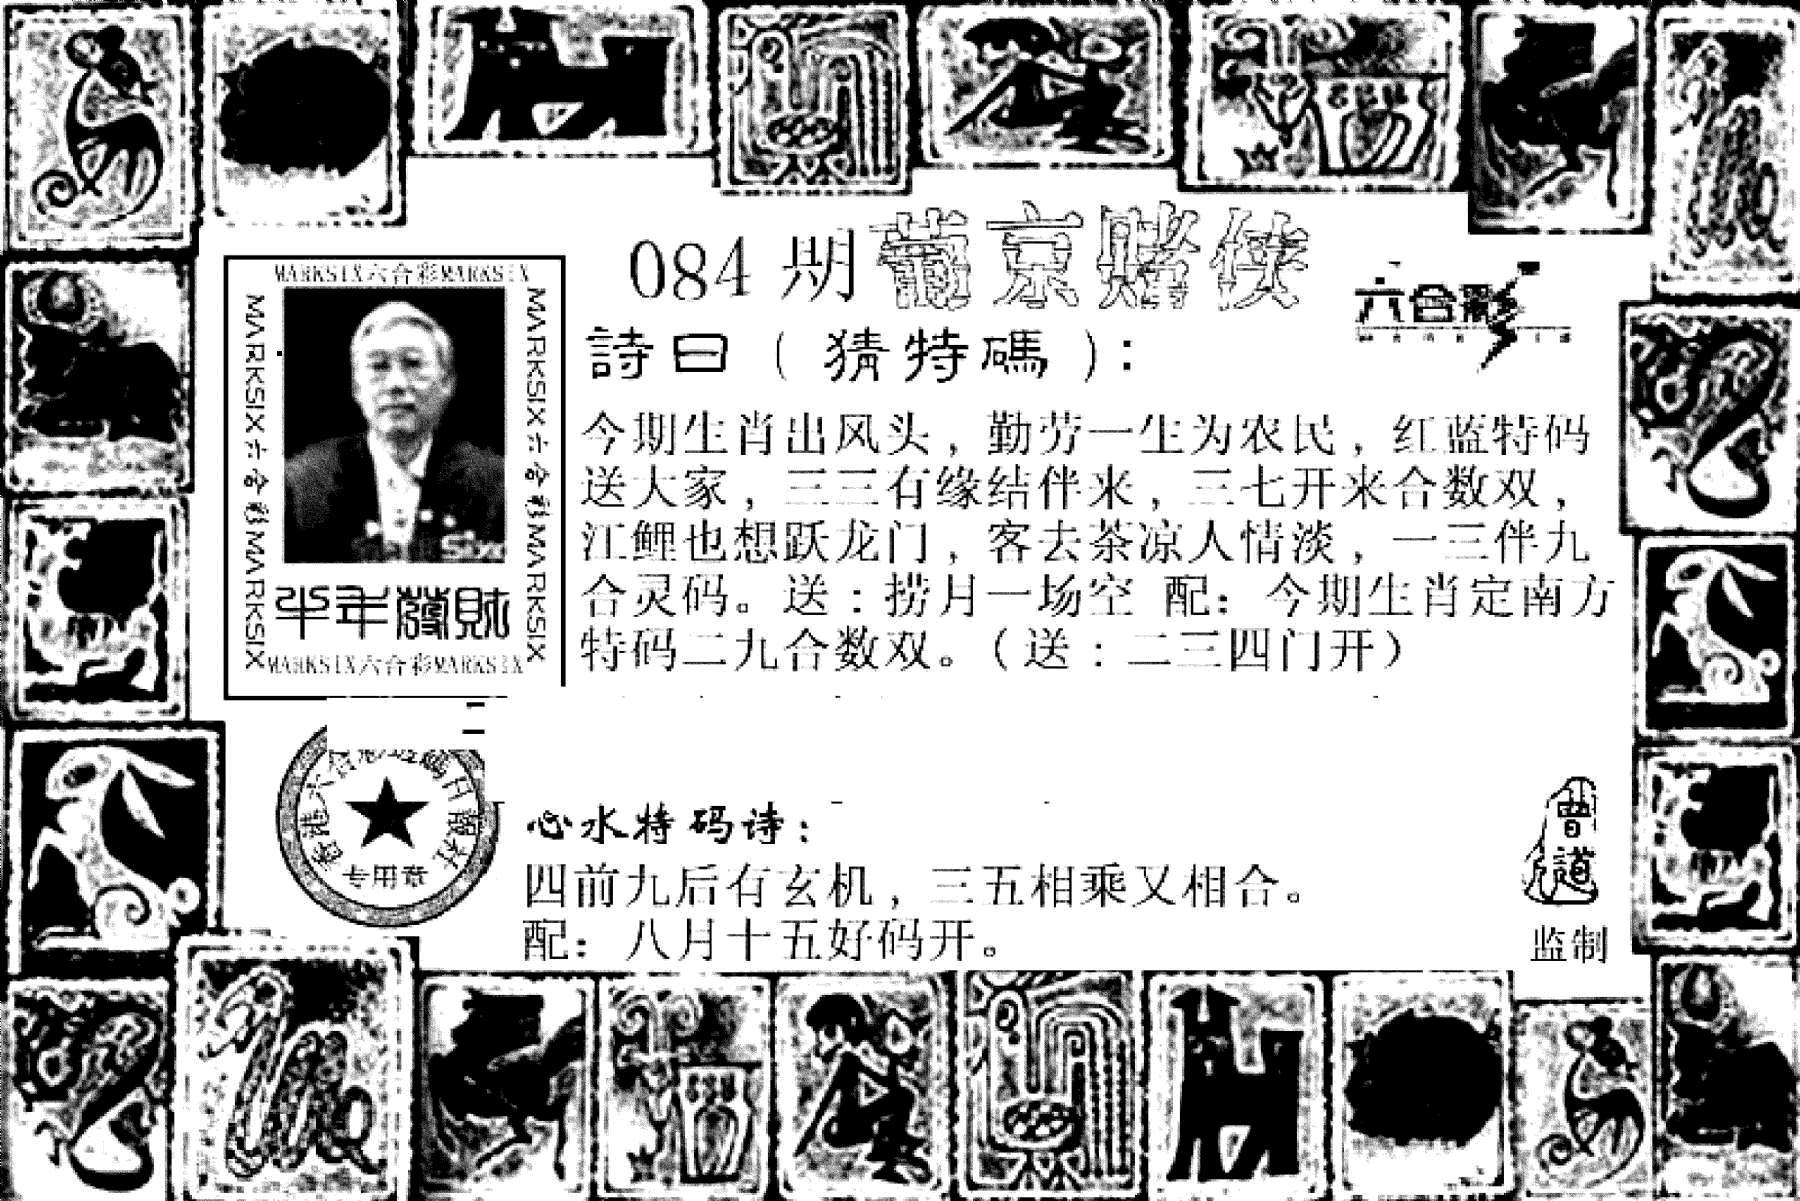 084期葡京赌侠(新)(黑白)